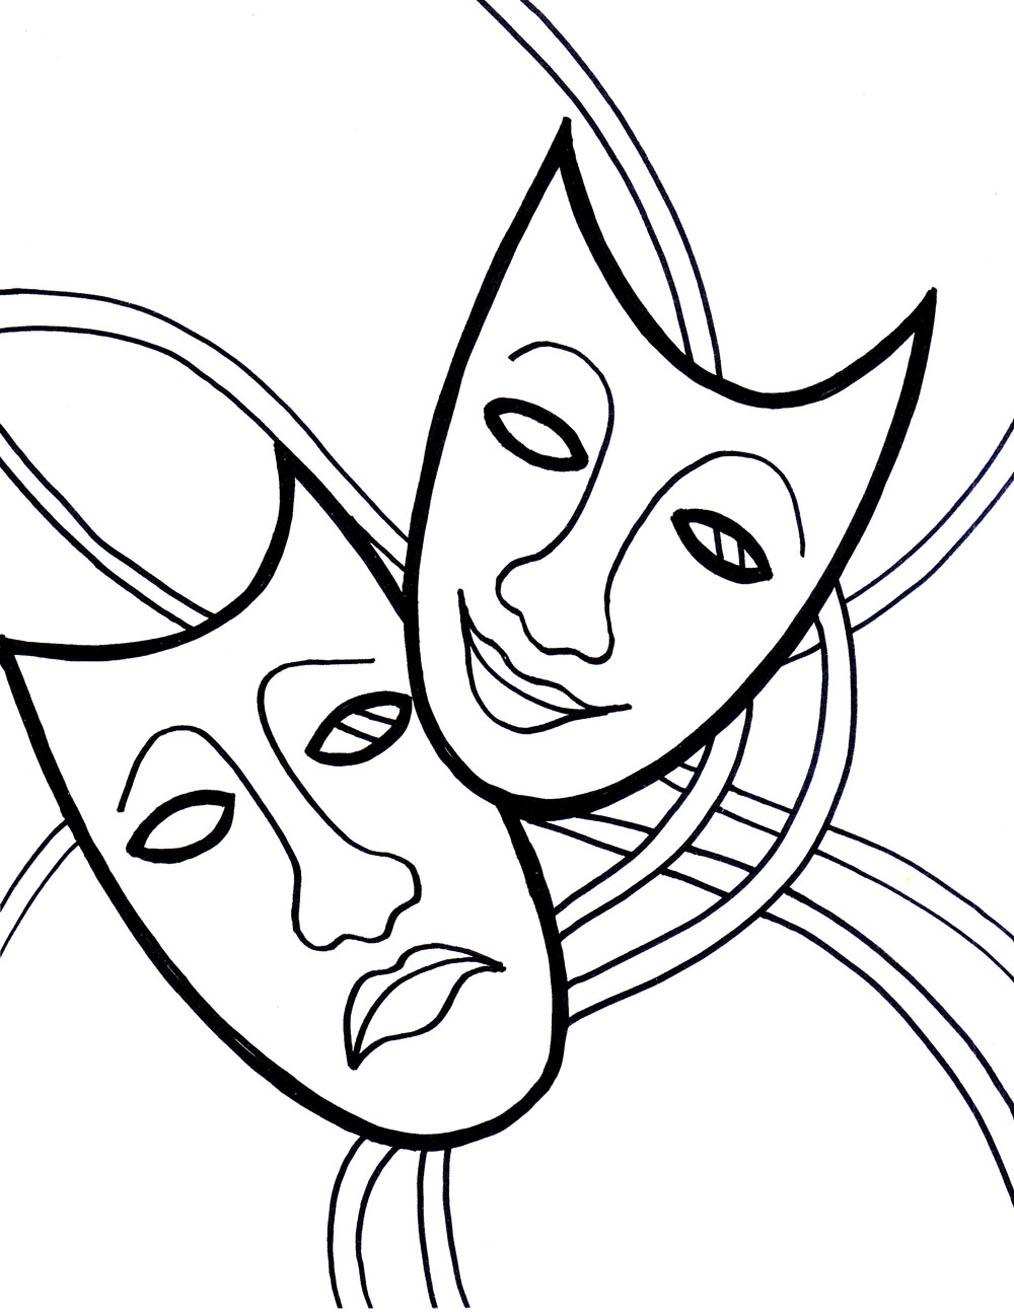 Carnaval masques content triste coloriage carnaval - Carnaval coloriage ...